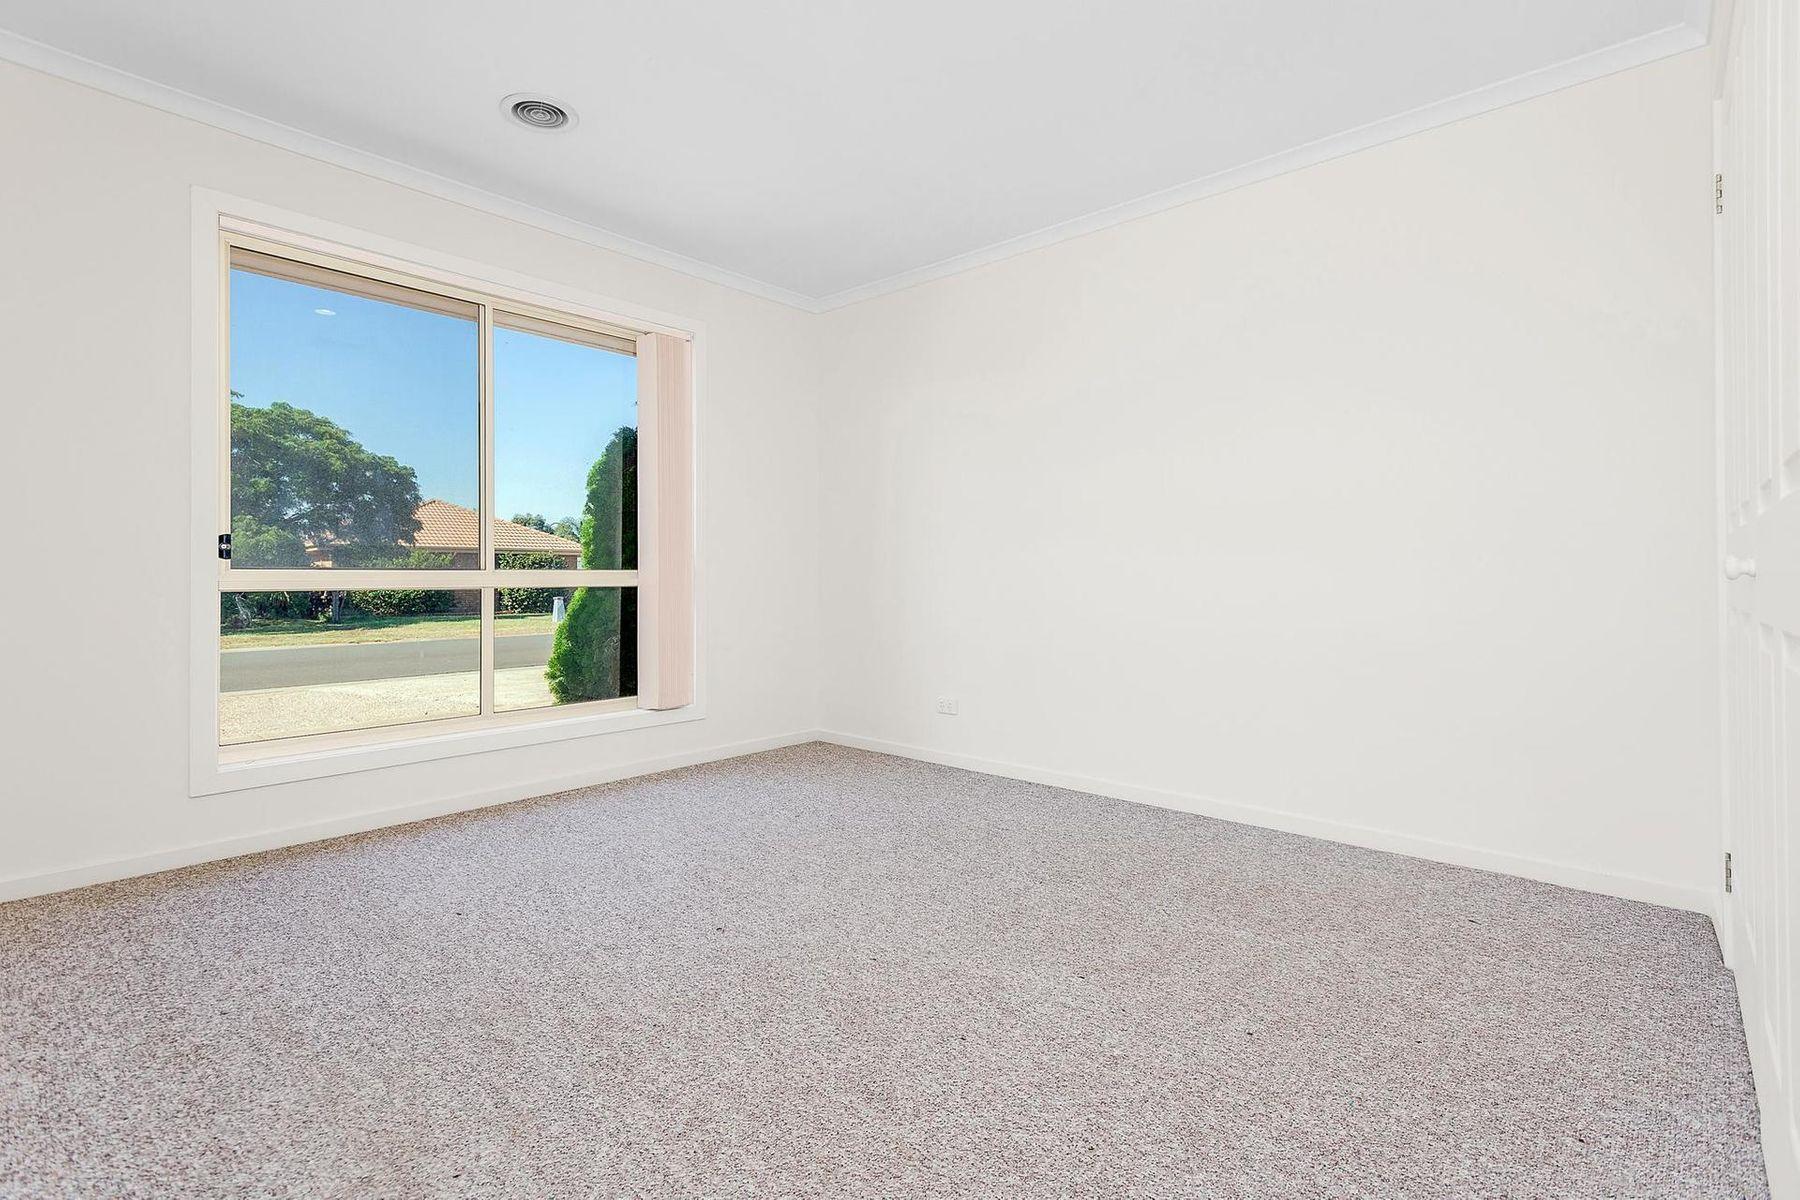 2 Denny Place, Melton South, VIC 3338